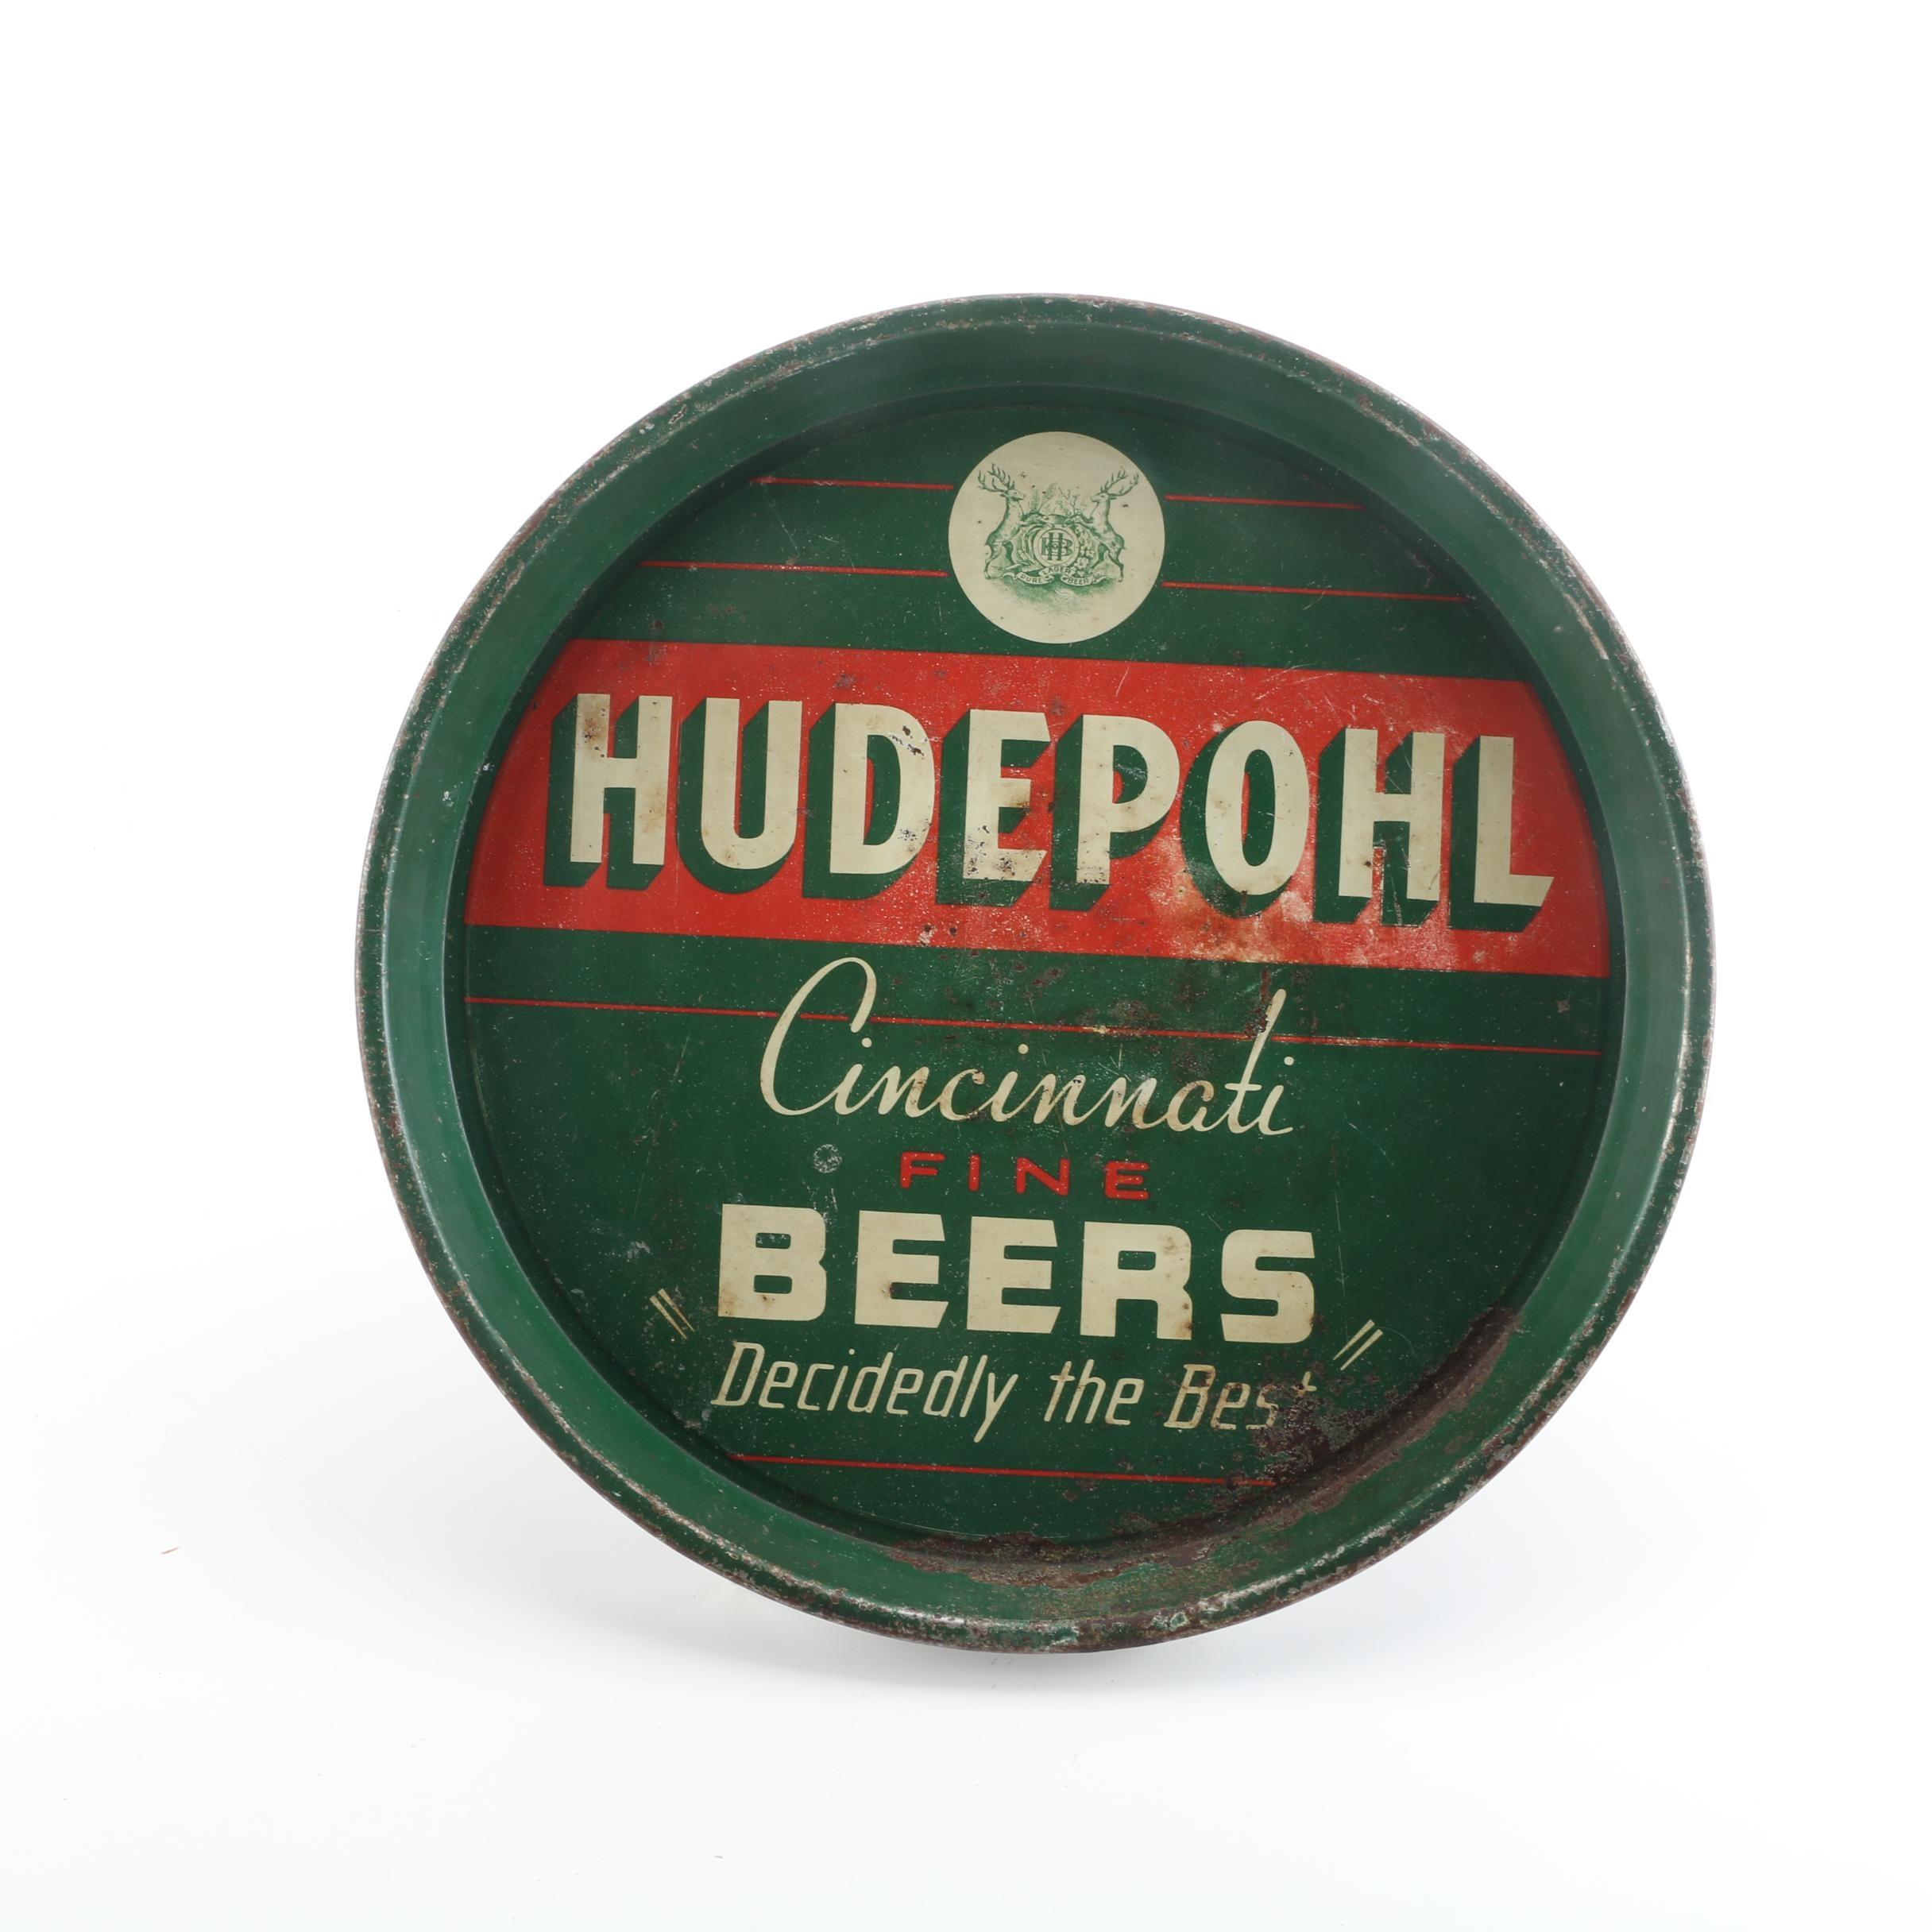 Vintage Hudepohl Beer Green Metal Serving Tray